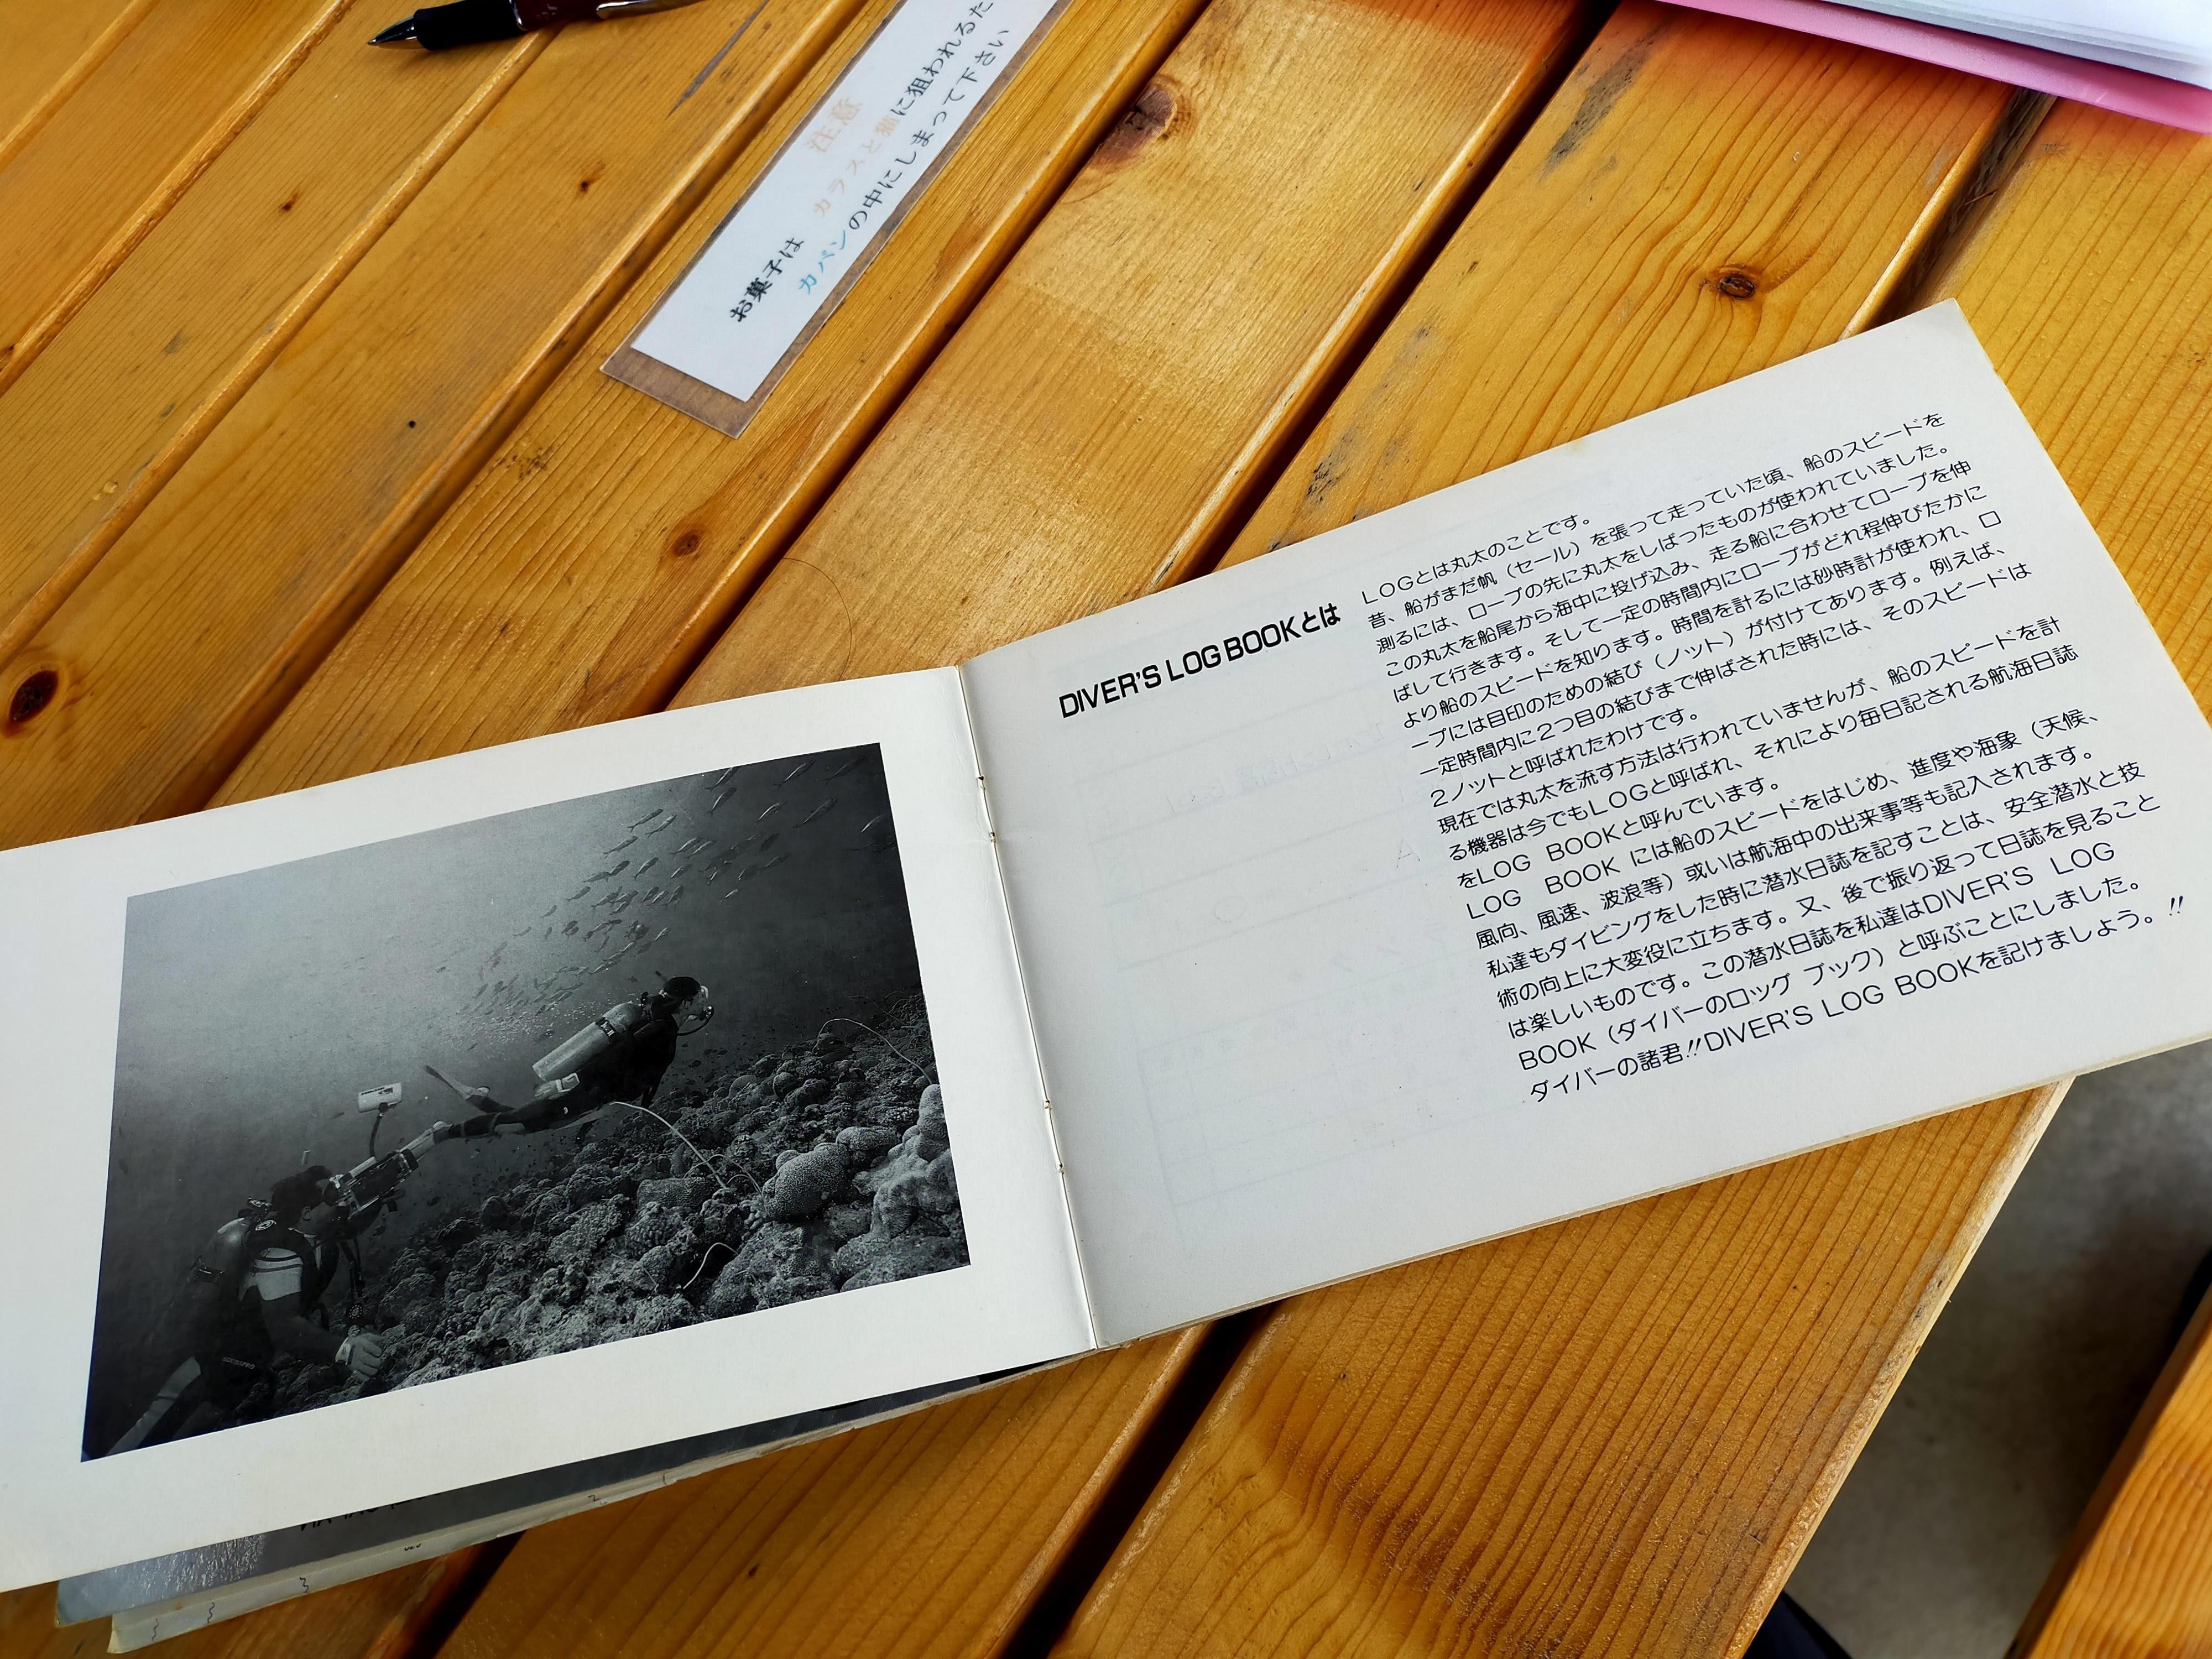 素敵なログブック (1)